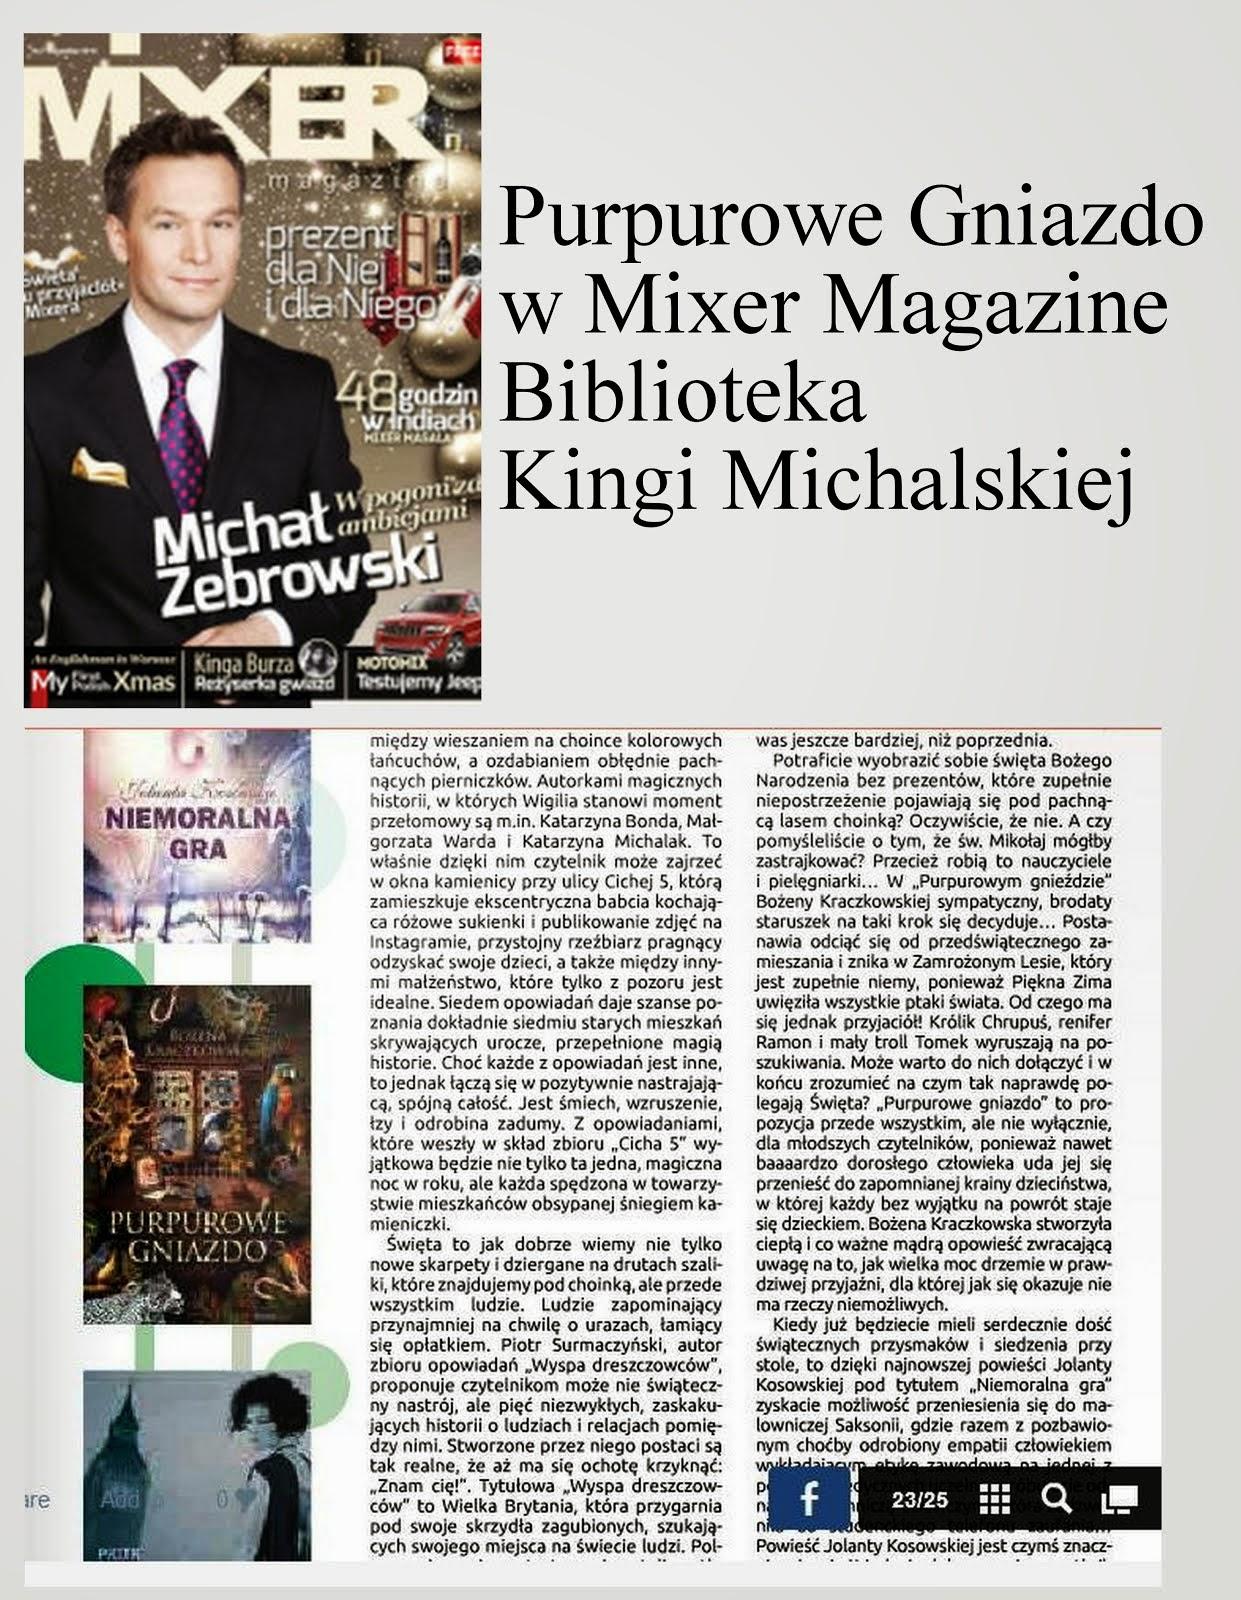 Purpurowe Gniazdo w Mixer Magazine nr7